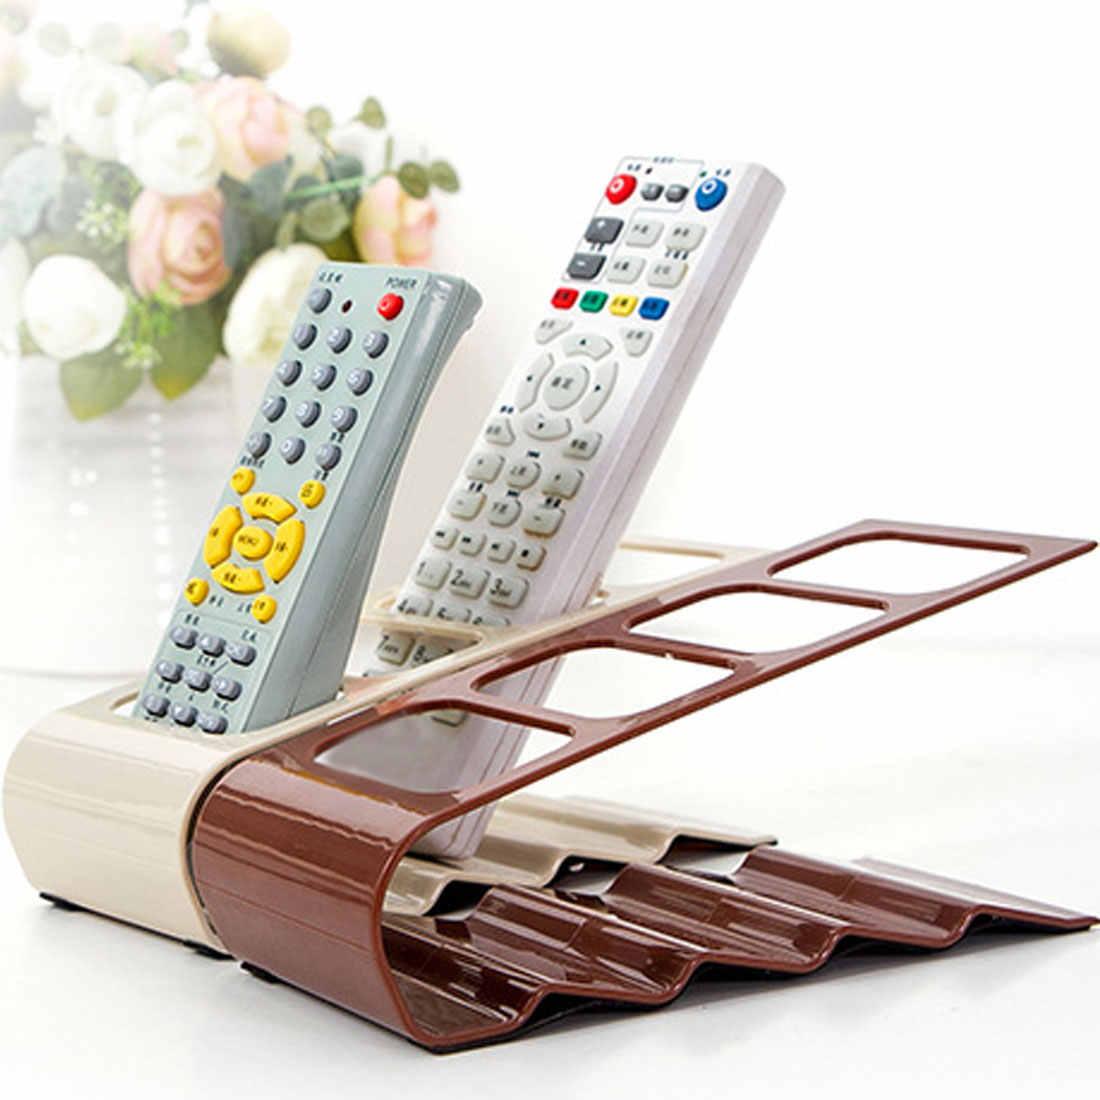 トップ DVD テレビリモコン携帯電話スタンドホルダーストレージキャディー主催ツール